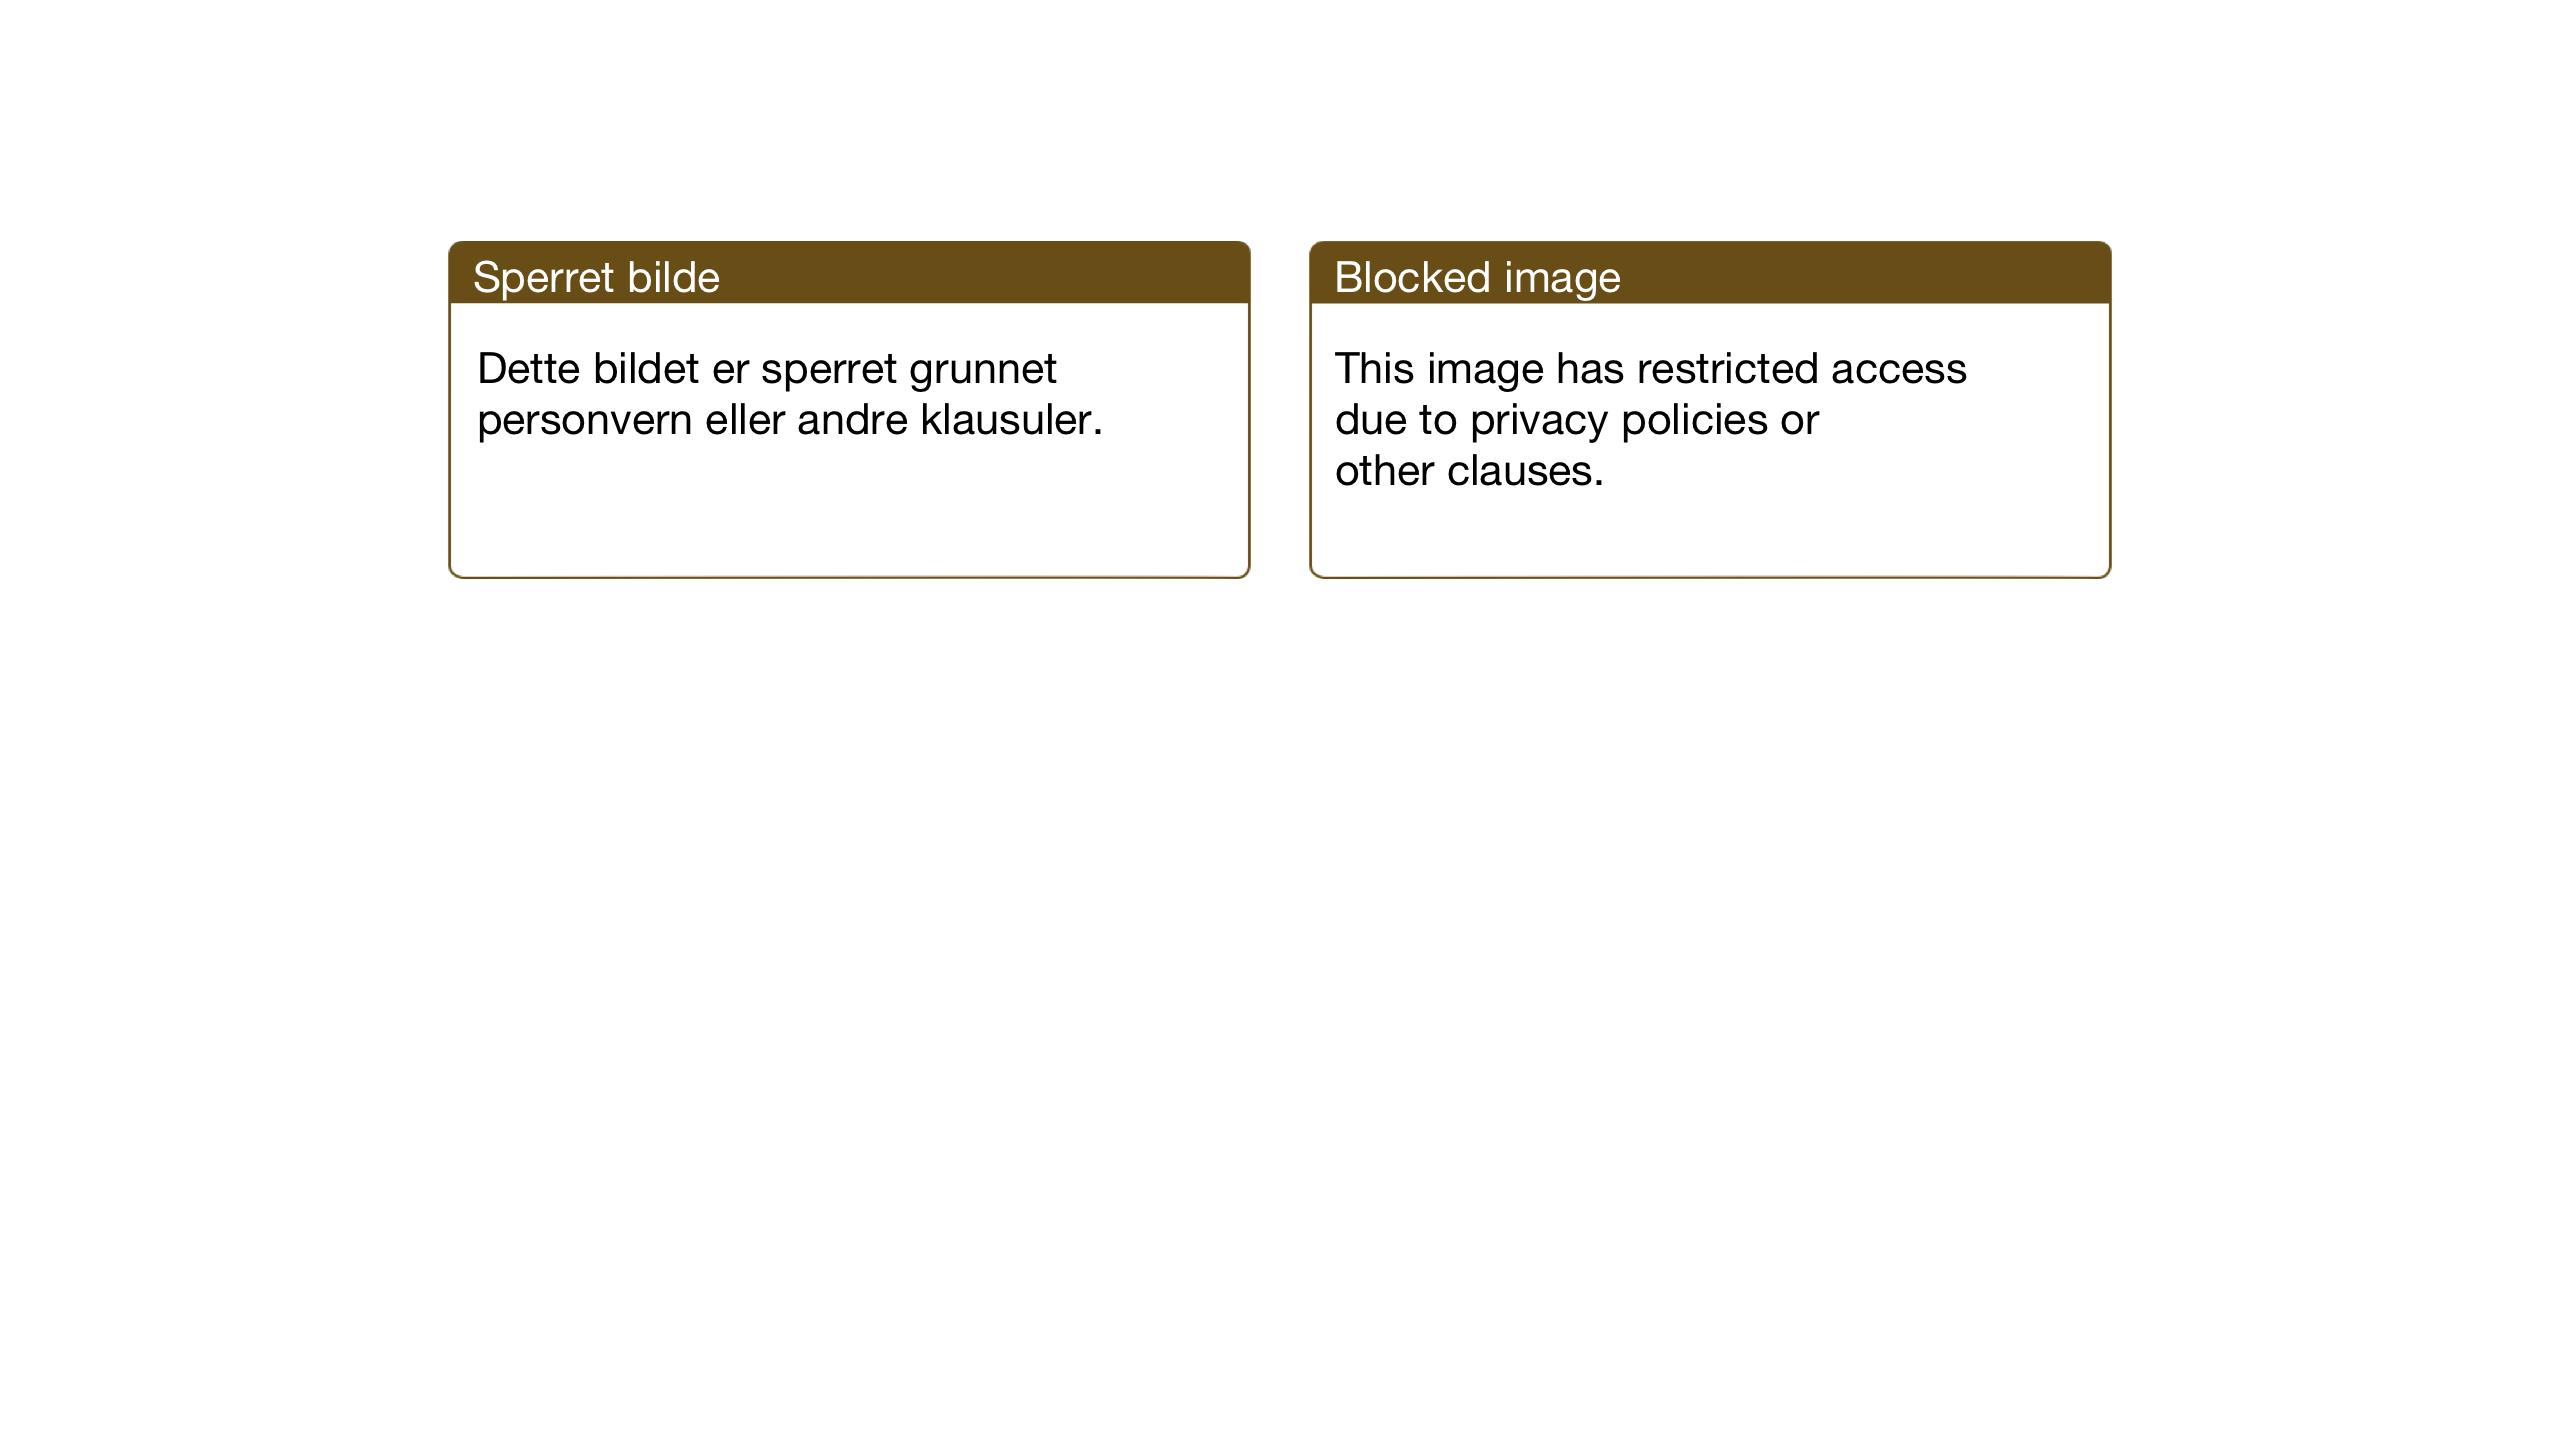 SAT, Ministerialprotokoller, klokkerbøker og fødselsregistre - Sør-Trøndelag, 667/L0799: Klokkerbok nr. 667C04, 1929-1950, s. 89